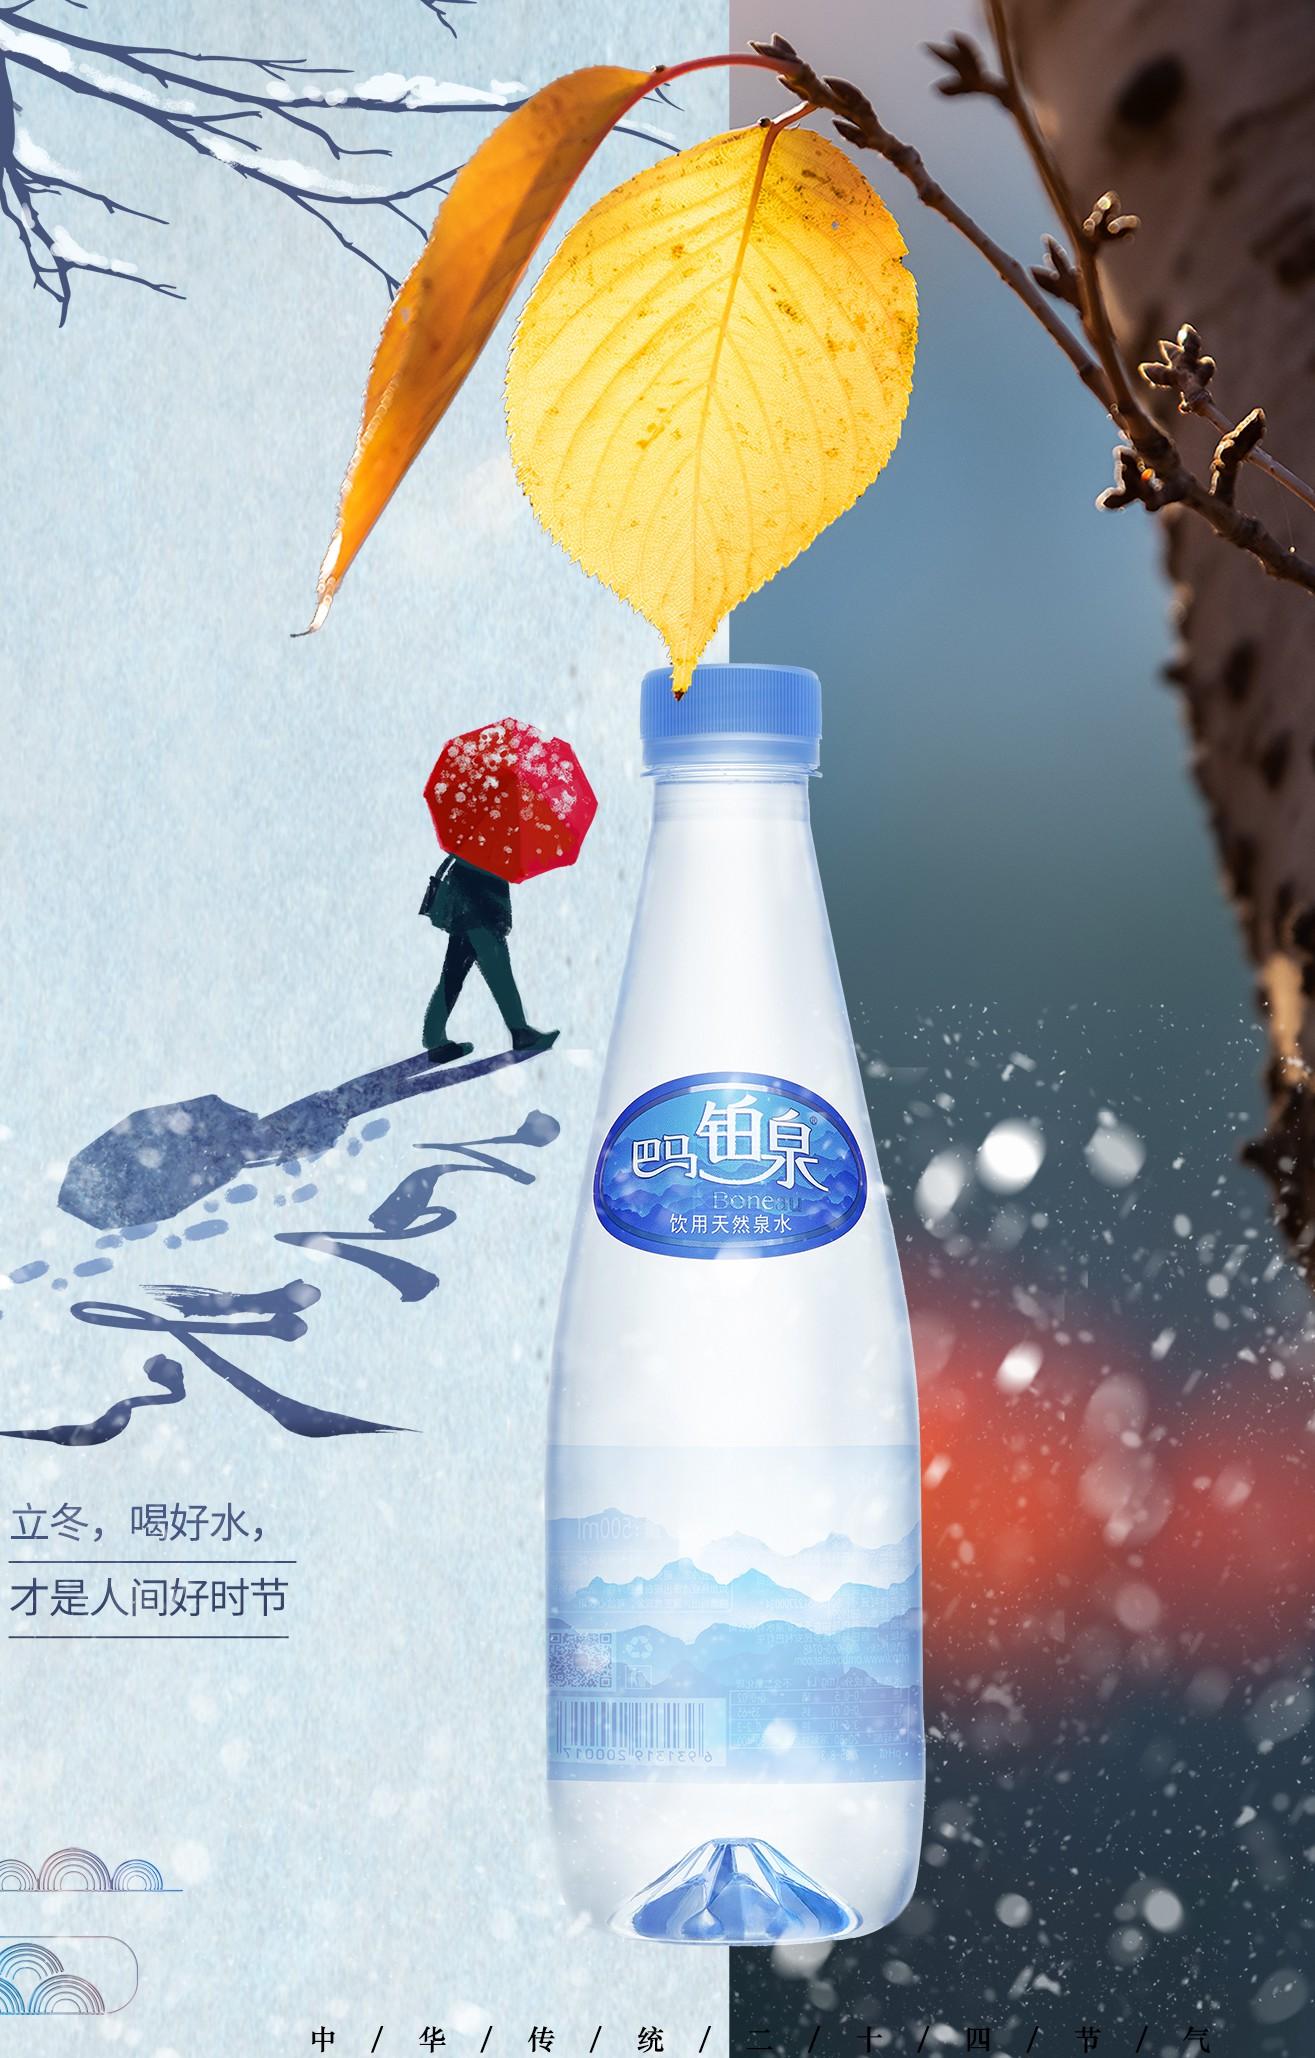 立冬,喝好水。才是人间好时节